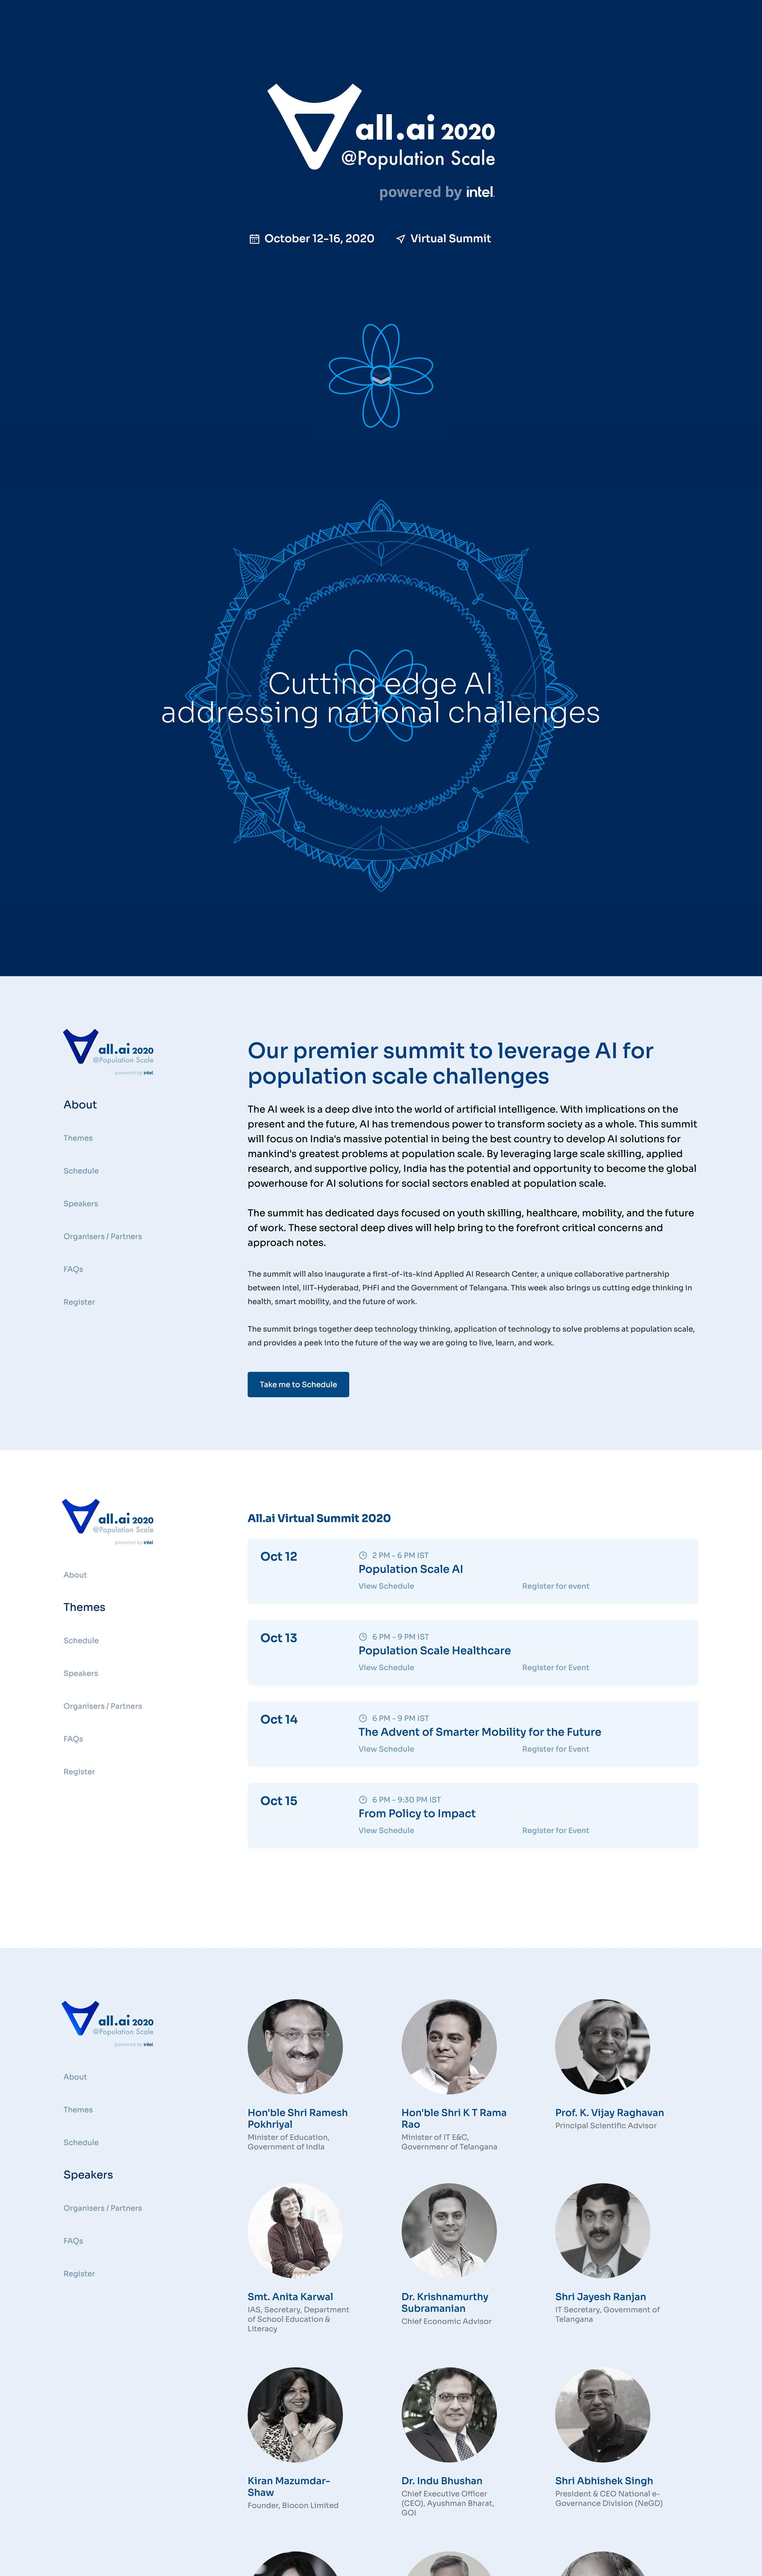 All.ai 2020 Website Screenshot